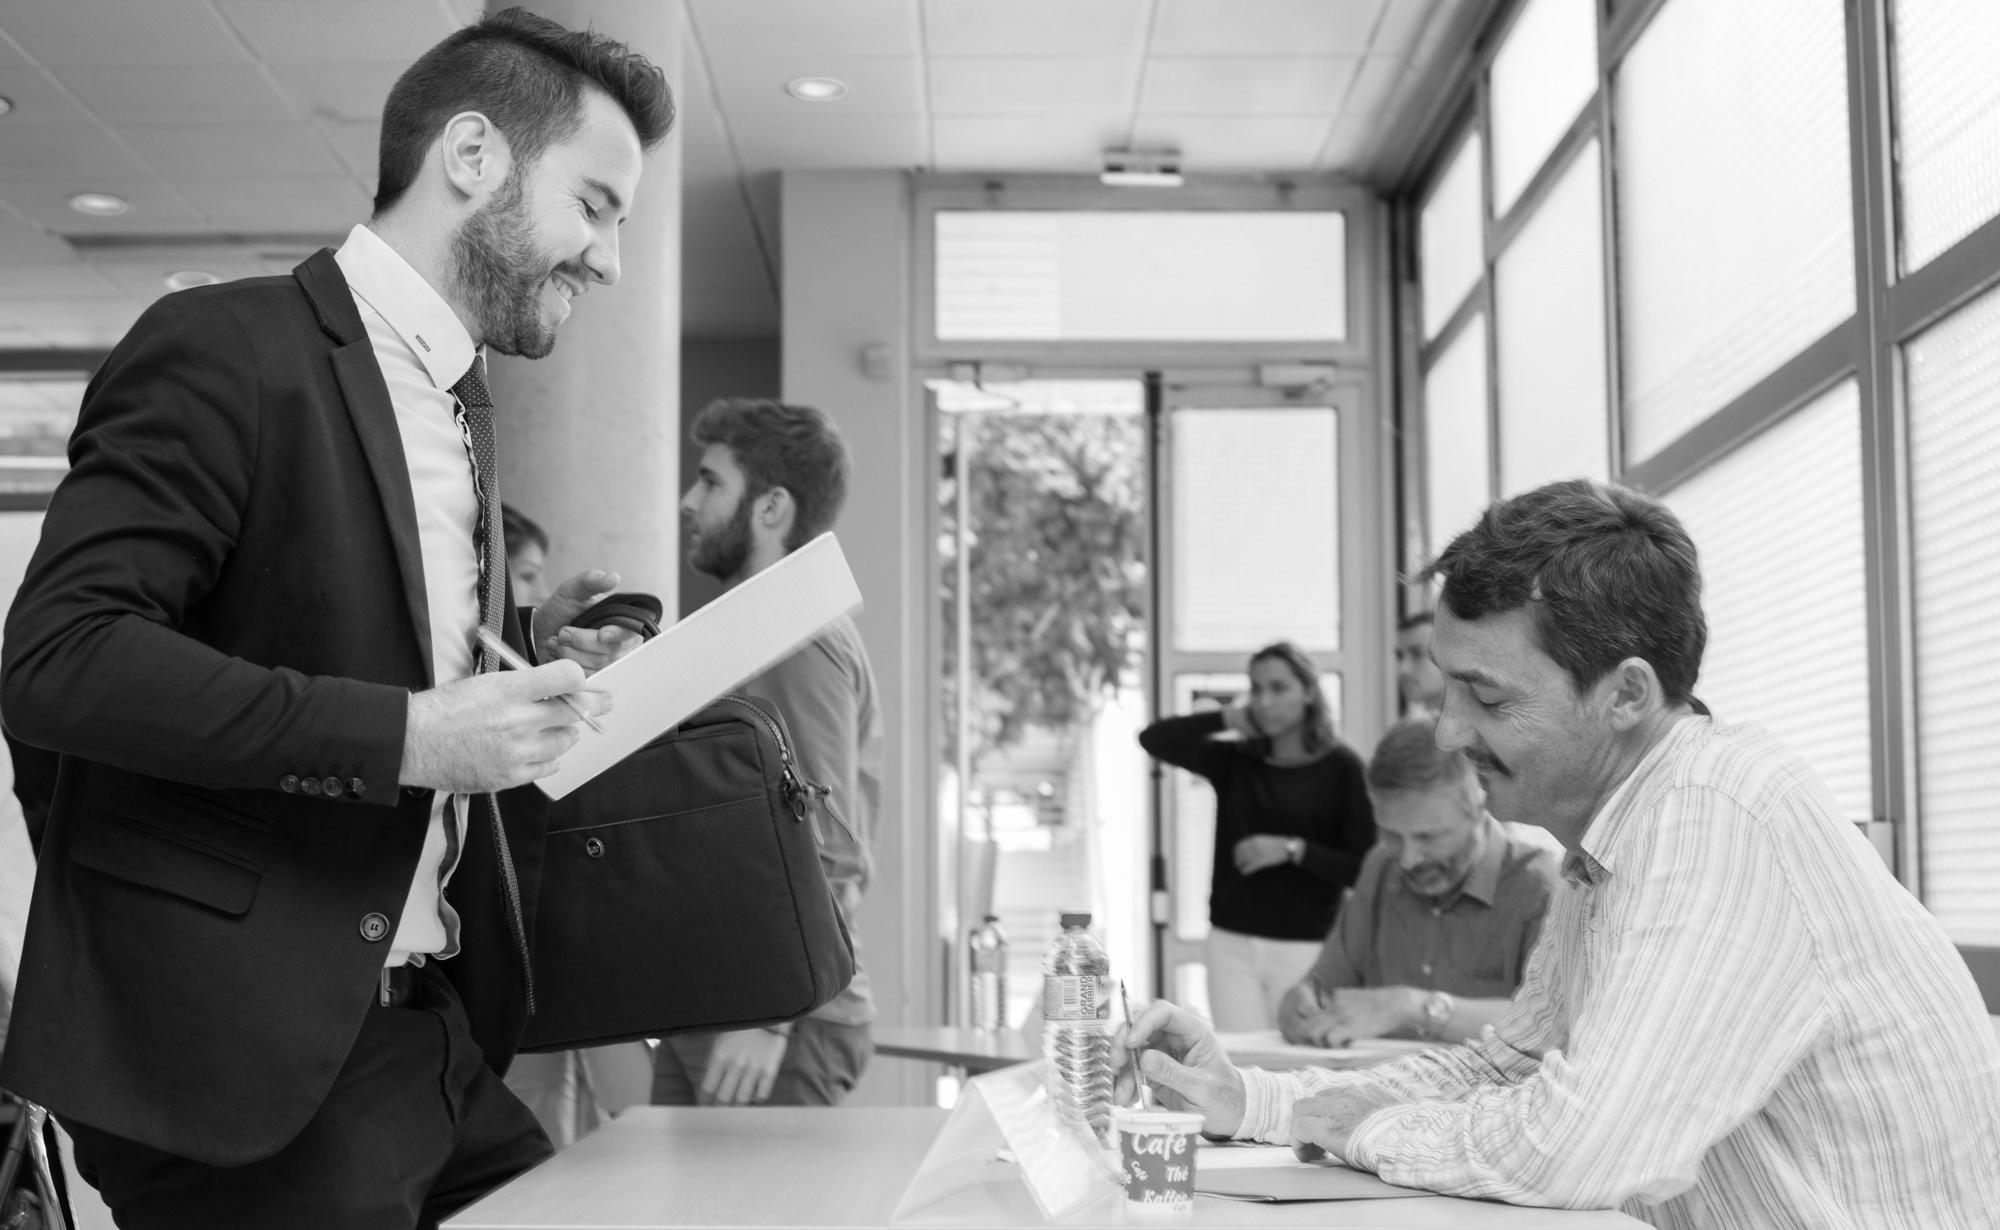 Contrat de professionalisation, job-dating, rencontres métiers, forum des stages et de l'apprentissage... L'université entretient des liens étroits avec le monde de l'entreprise